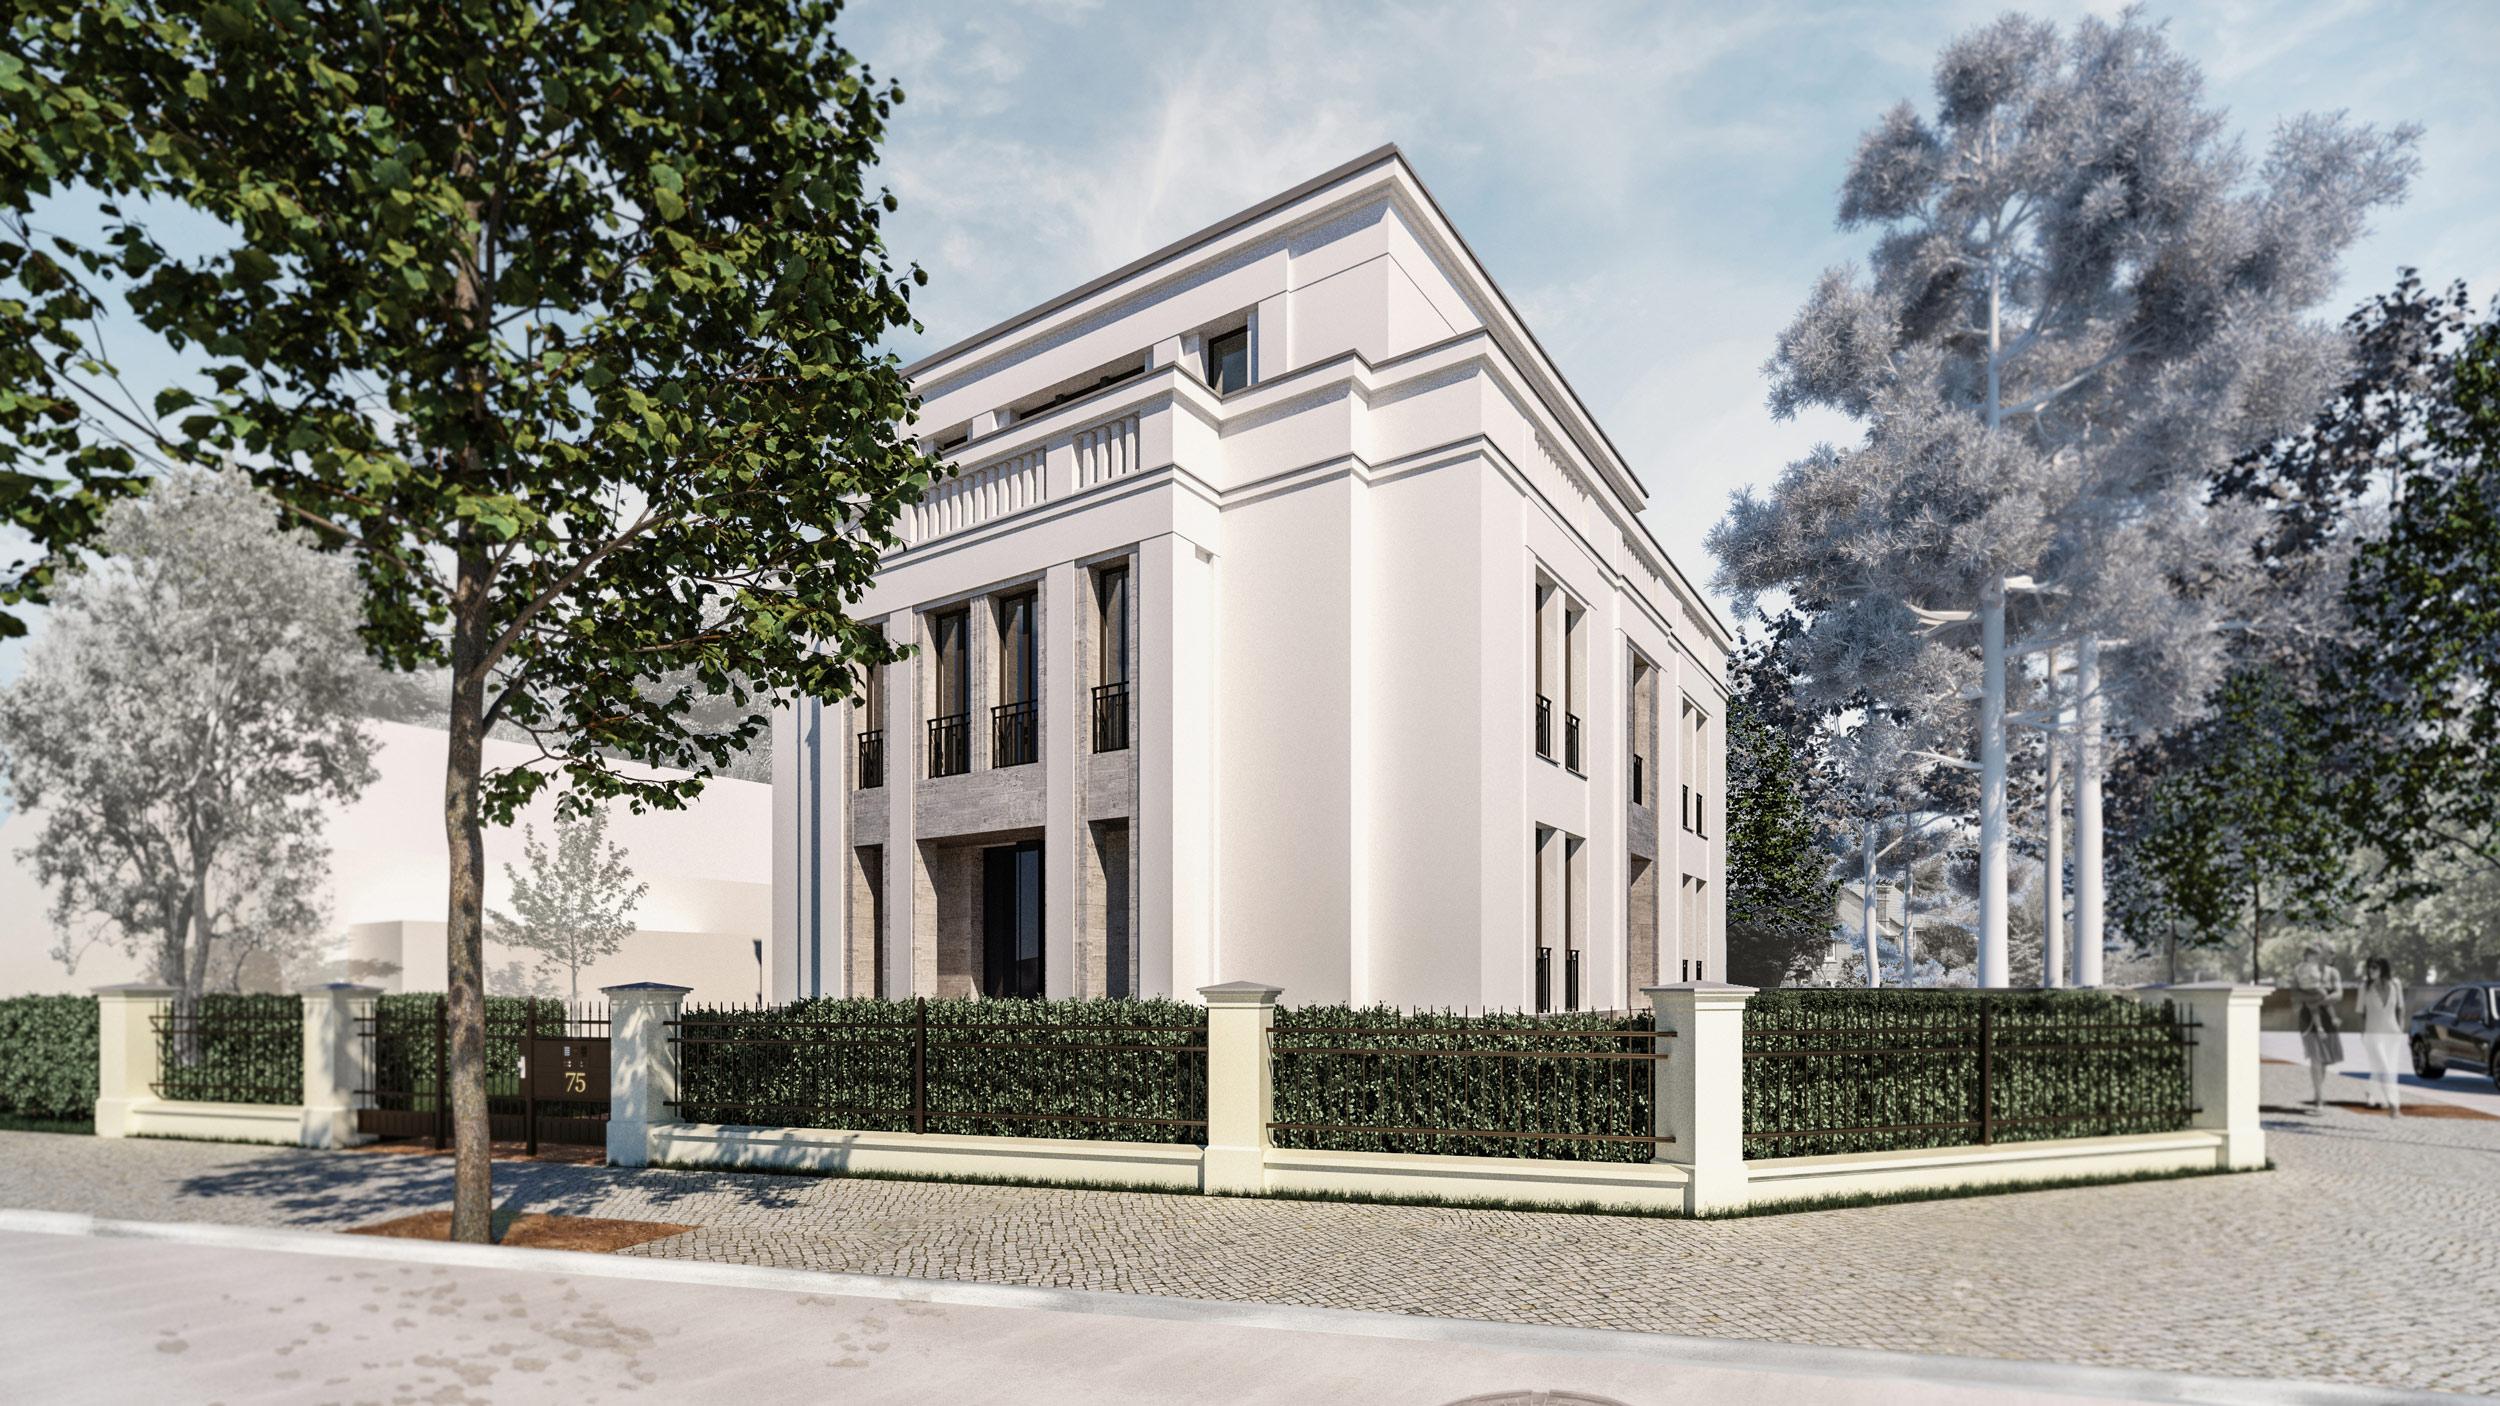 Bauen in klassischer Tradition im Berliner Grunewald - Der Kubatur des Hauses ist kompakt an der Straßeneinmündung positioniert.